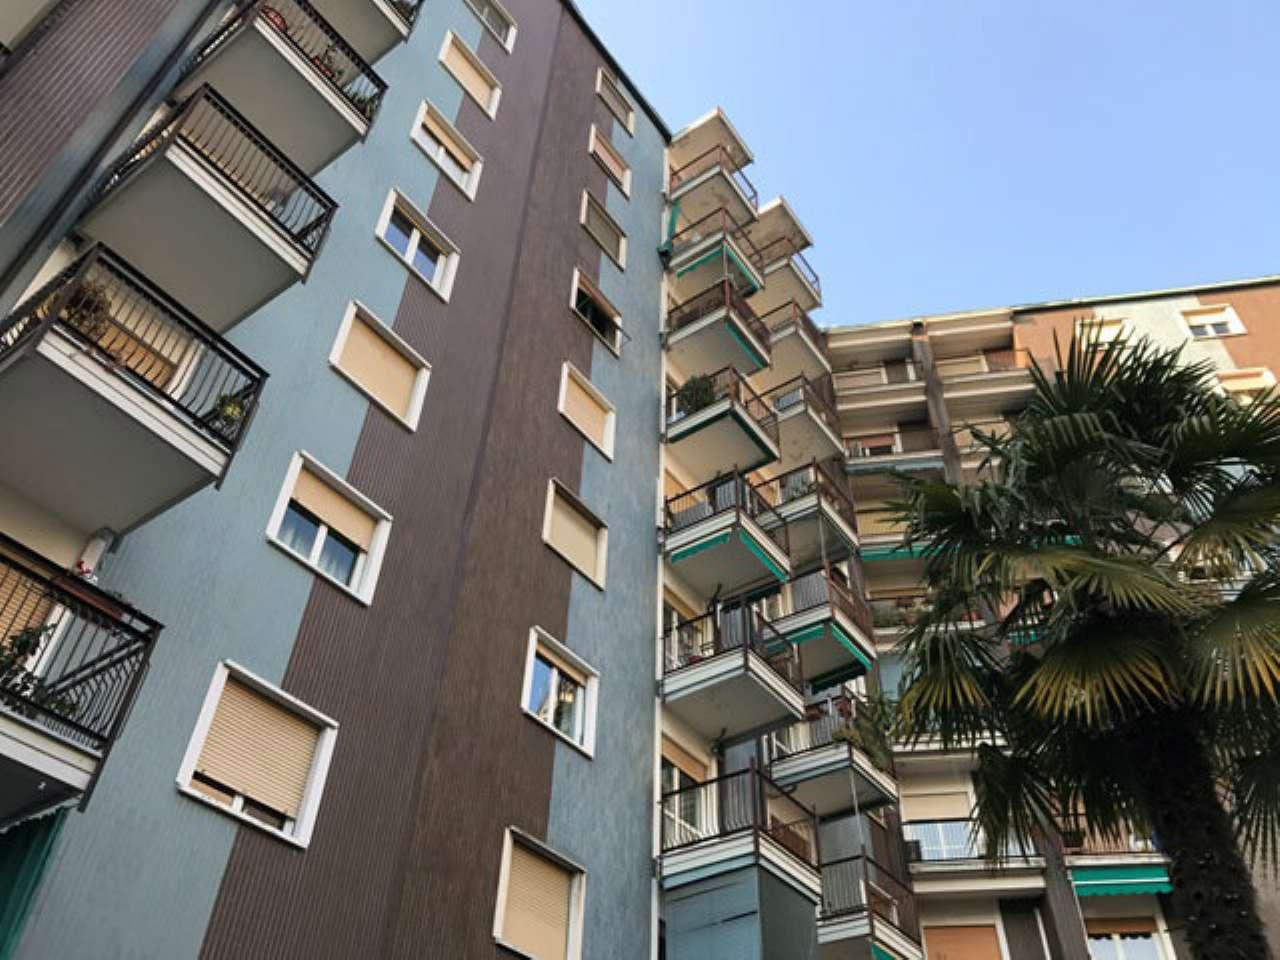 Casa bresso appartamenti e case in affitto a bresso for Appartamenti bresso